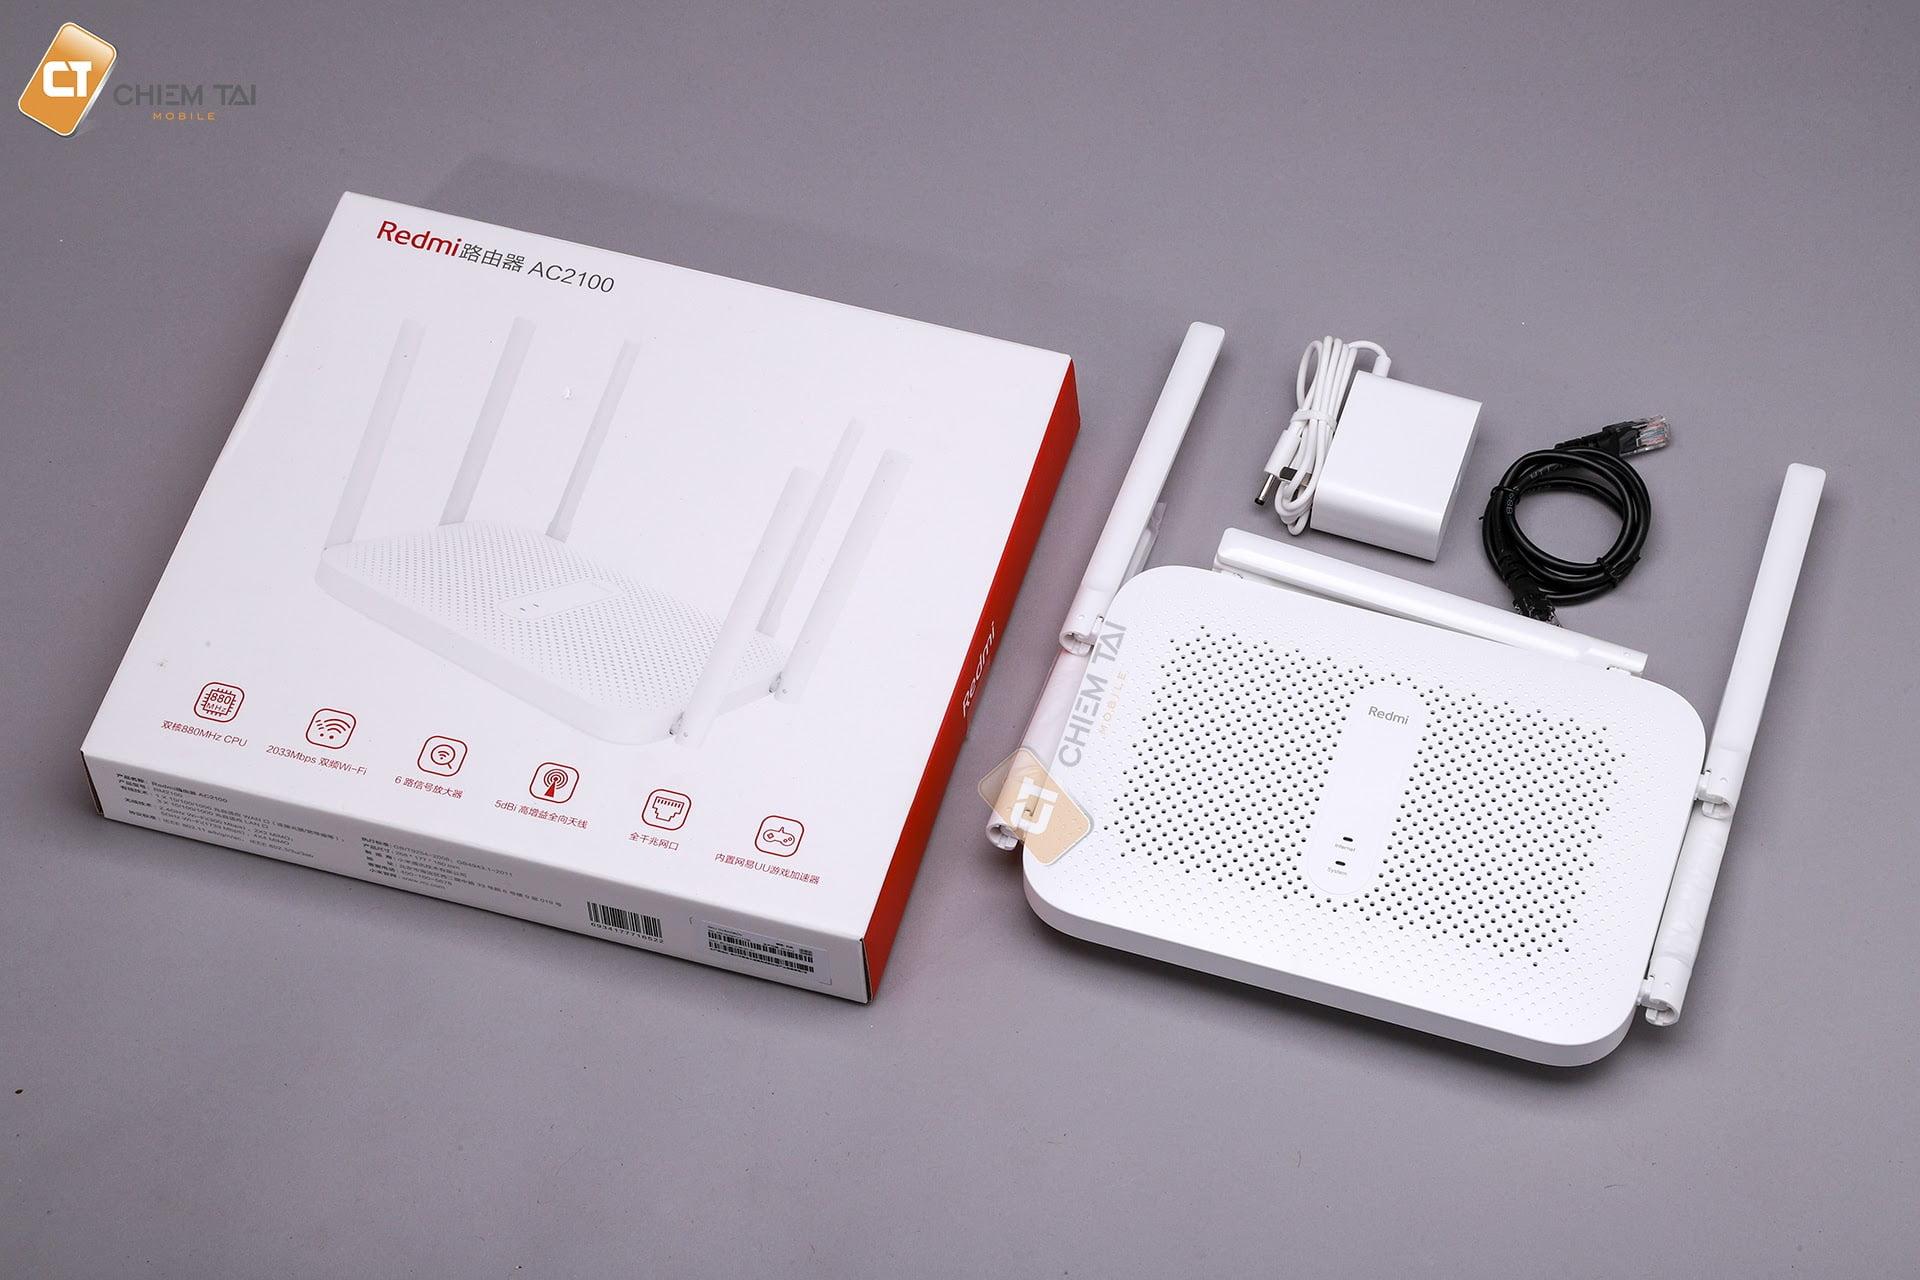 router wifi redmi ac2100 6007fcde1f248